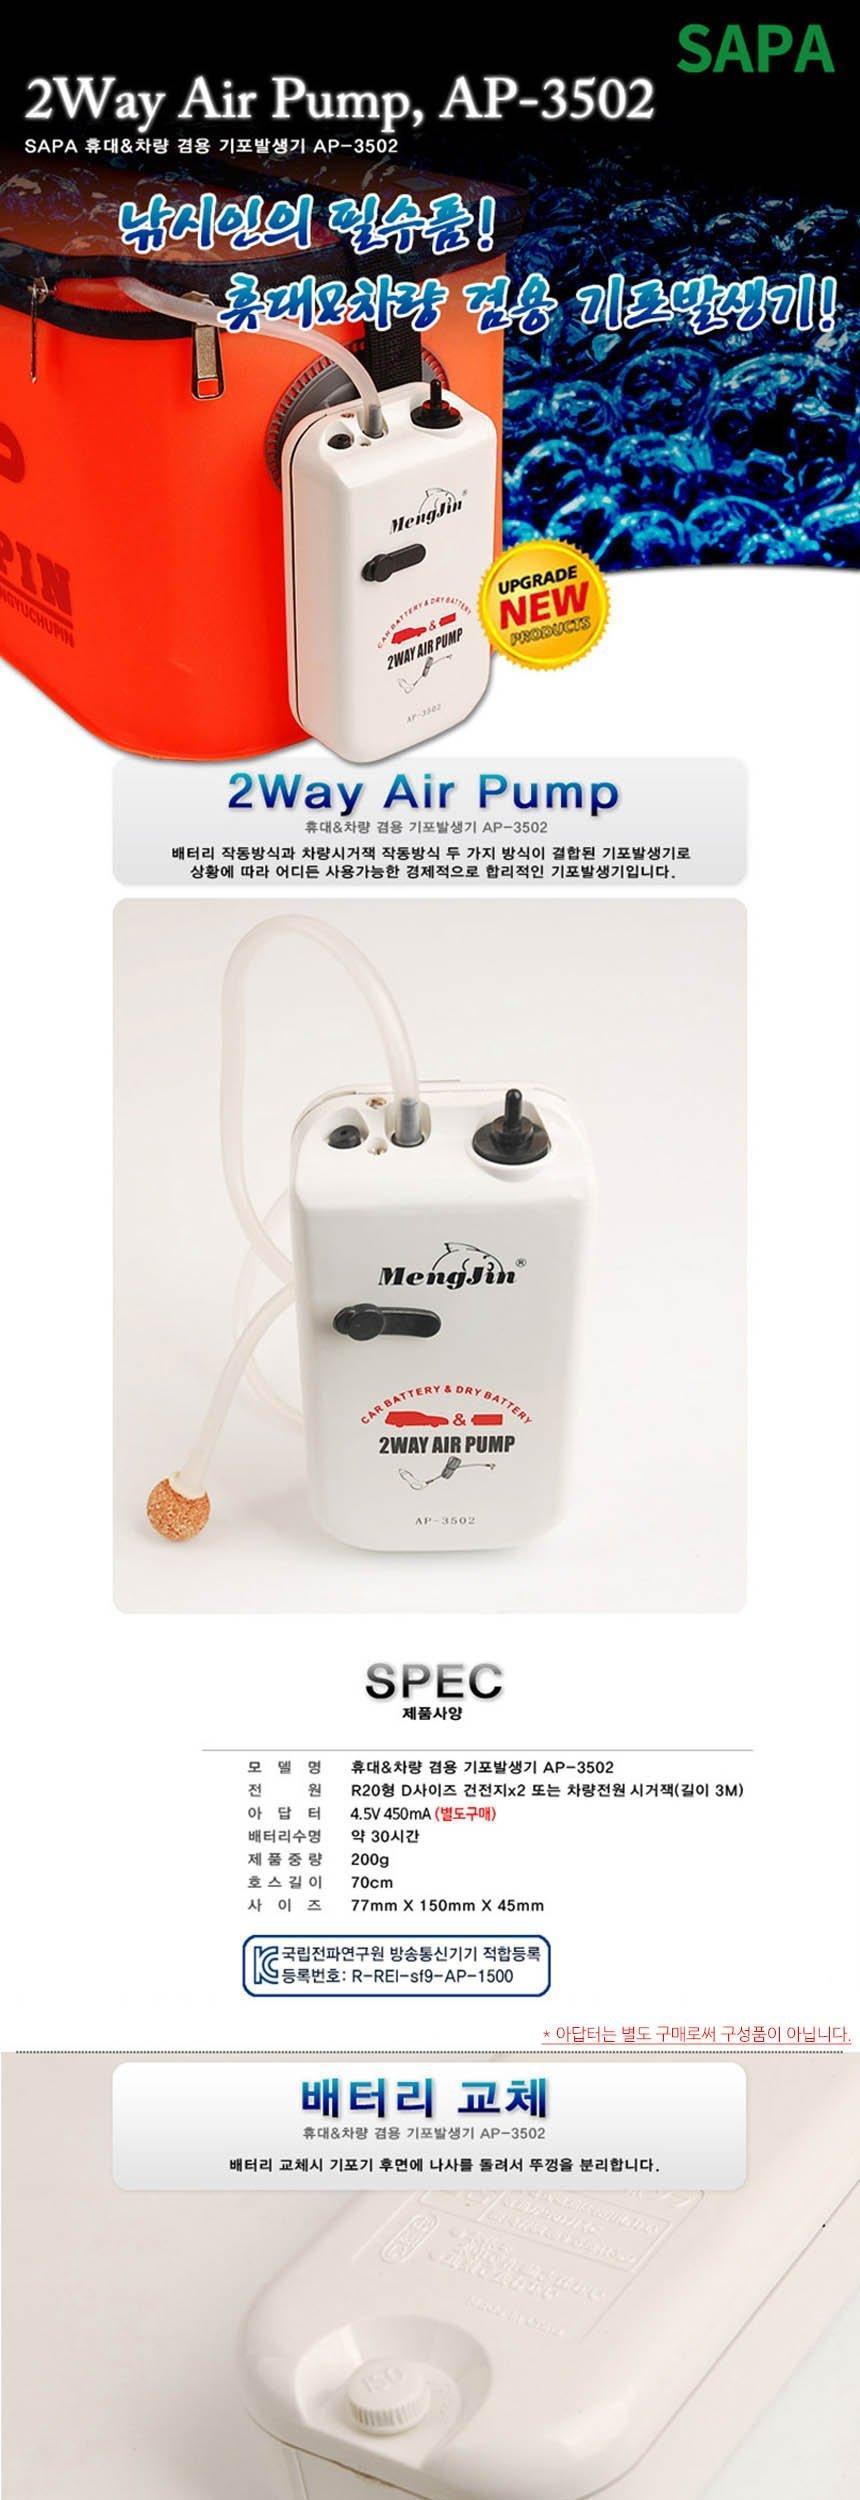 싸파 휴대용 기포 발생기 AP 3502 낚시기포기 기포기  낚시기포기 기포기 휴대용기포기 휴대용기포발생기 낚시용기포기